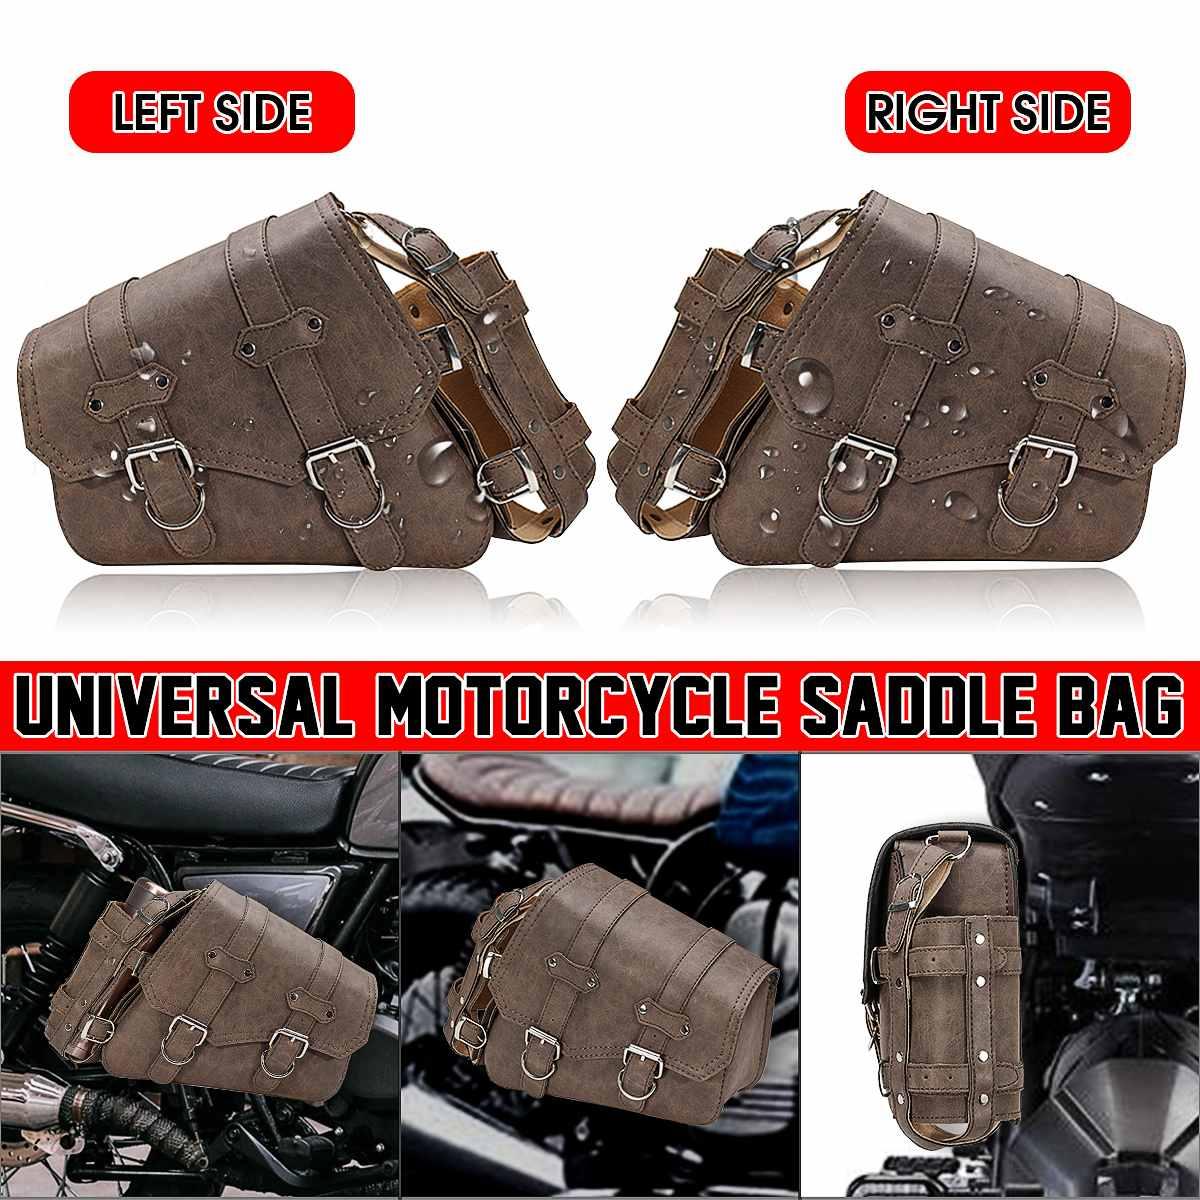 حقيبة دراجة نارية من الجلد الصناعي ، حقيبة تخزين جانبية مقاومة للماء لهوندا/ياماها/سوزوكي